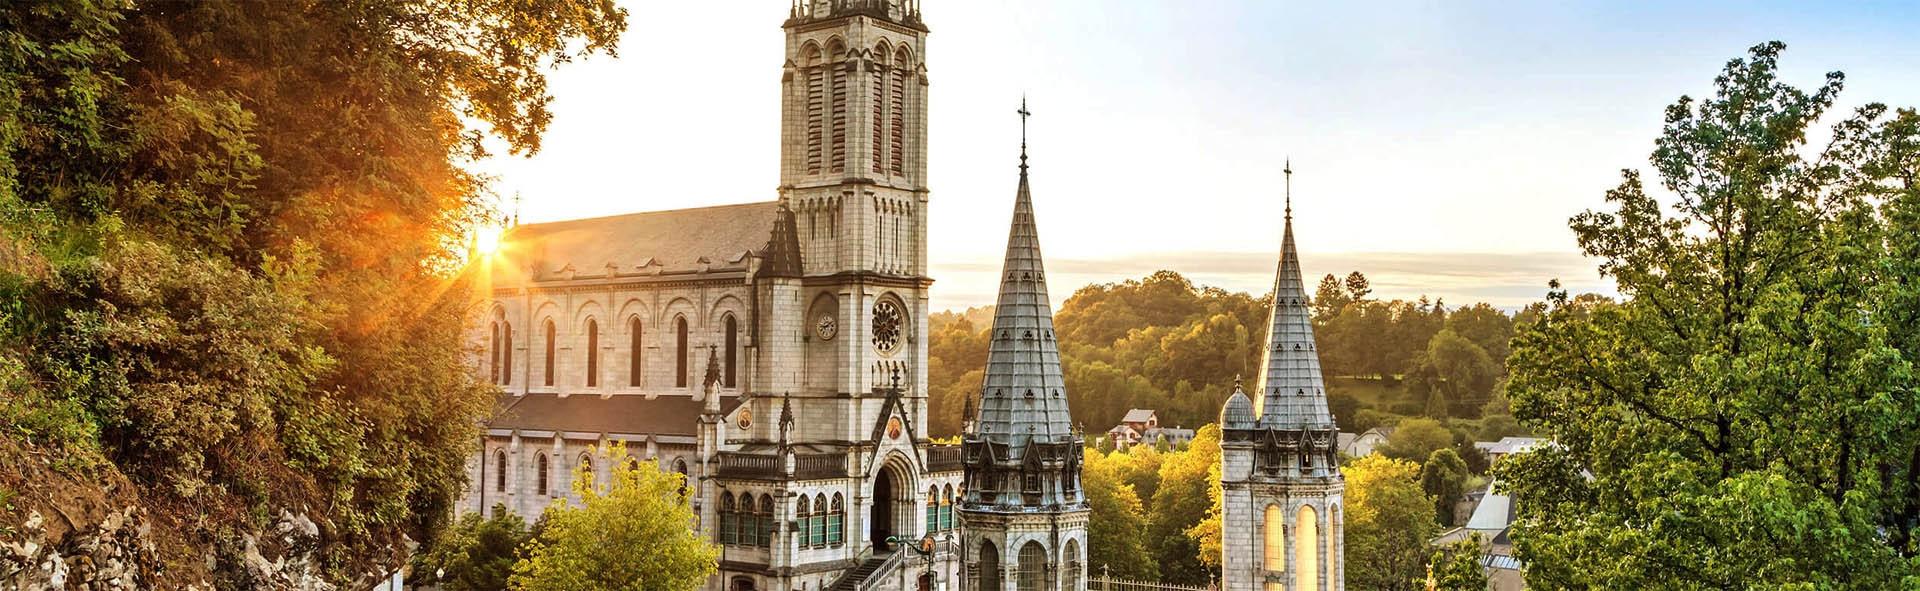 Pellegrinaggio a Lourdes in Pullman dal Nord 1 Maggio